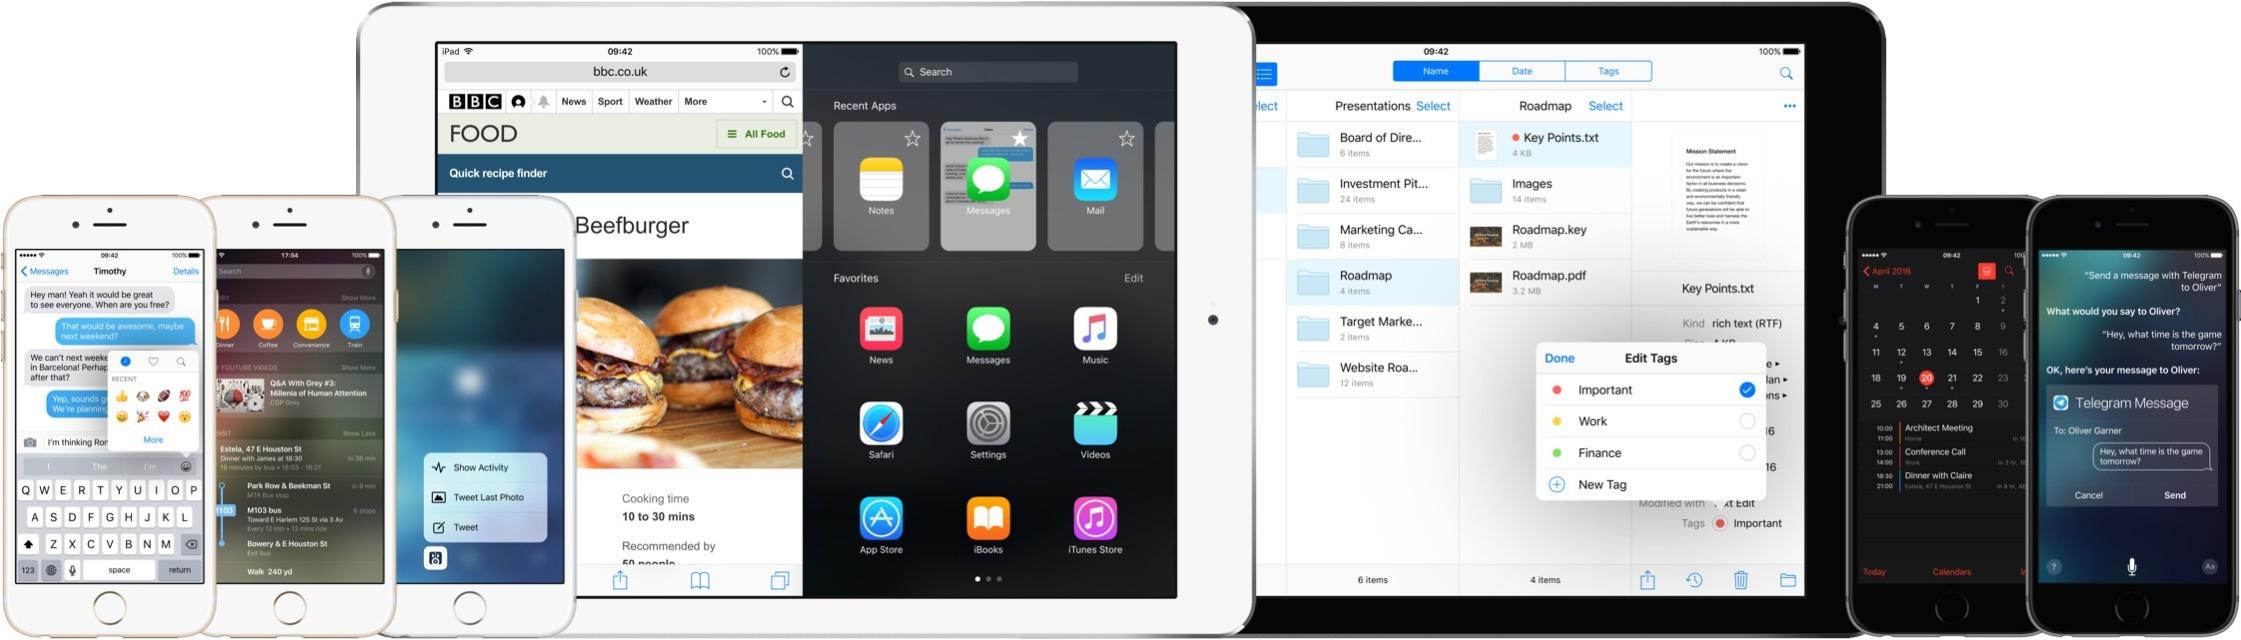 Conceito do iOS 10